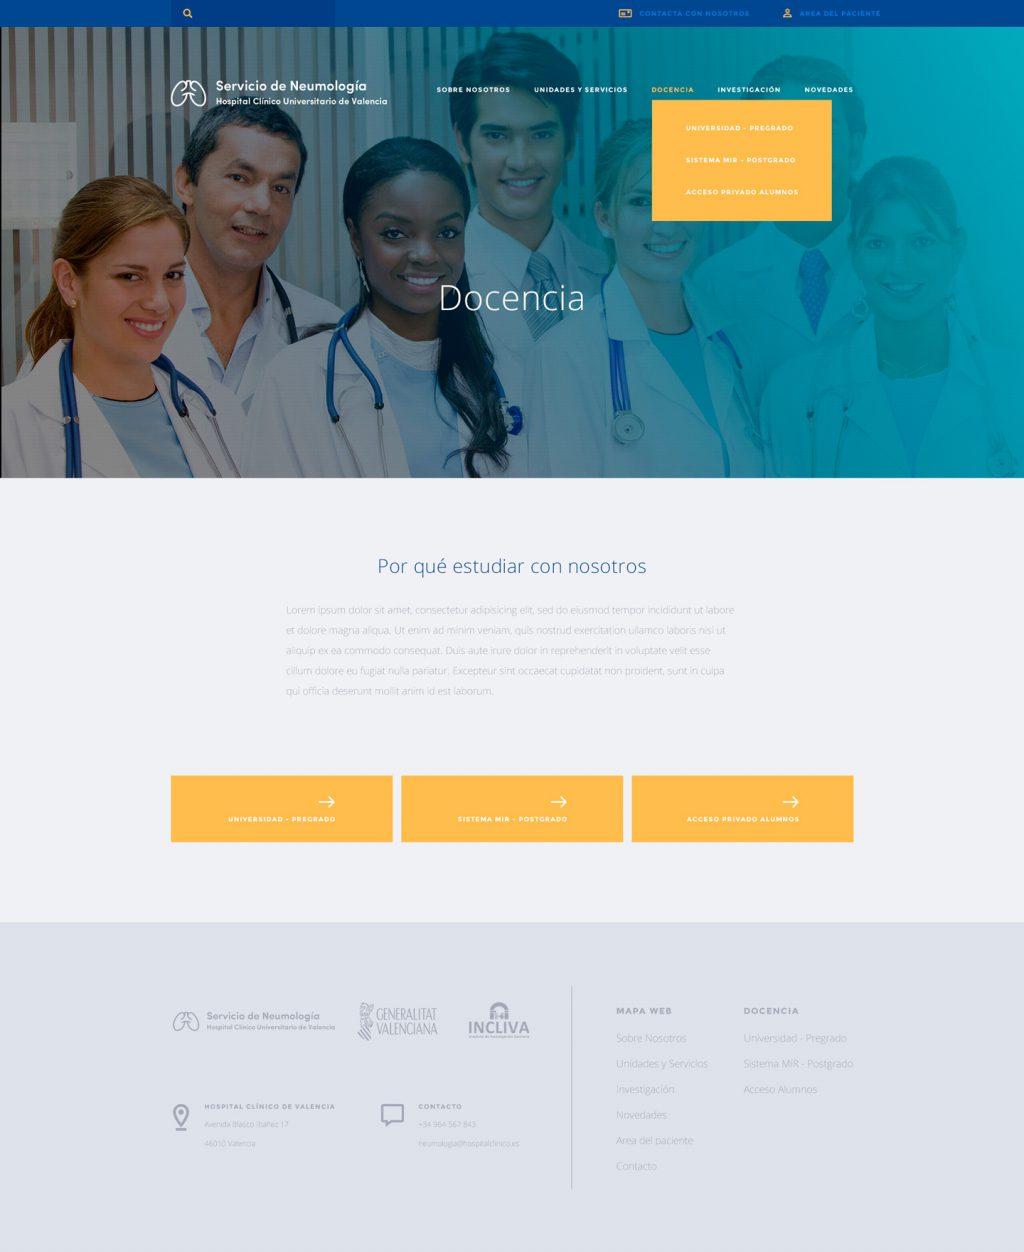 diseno-hospital-docencia